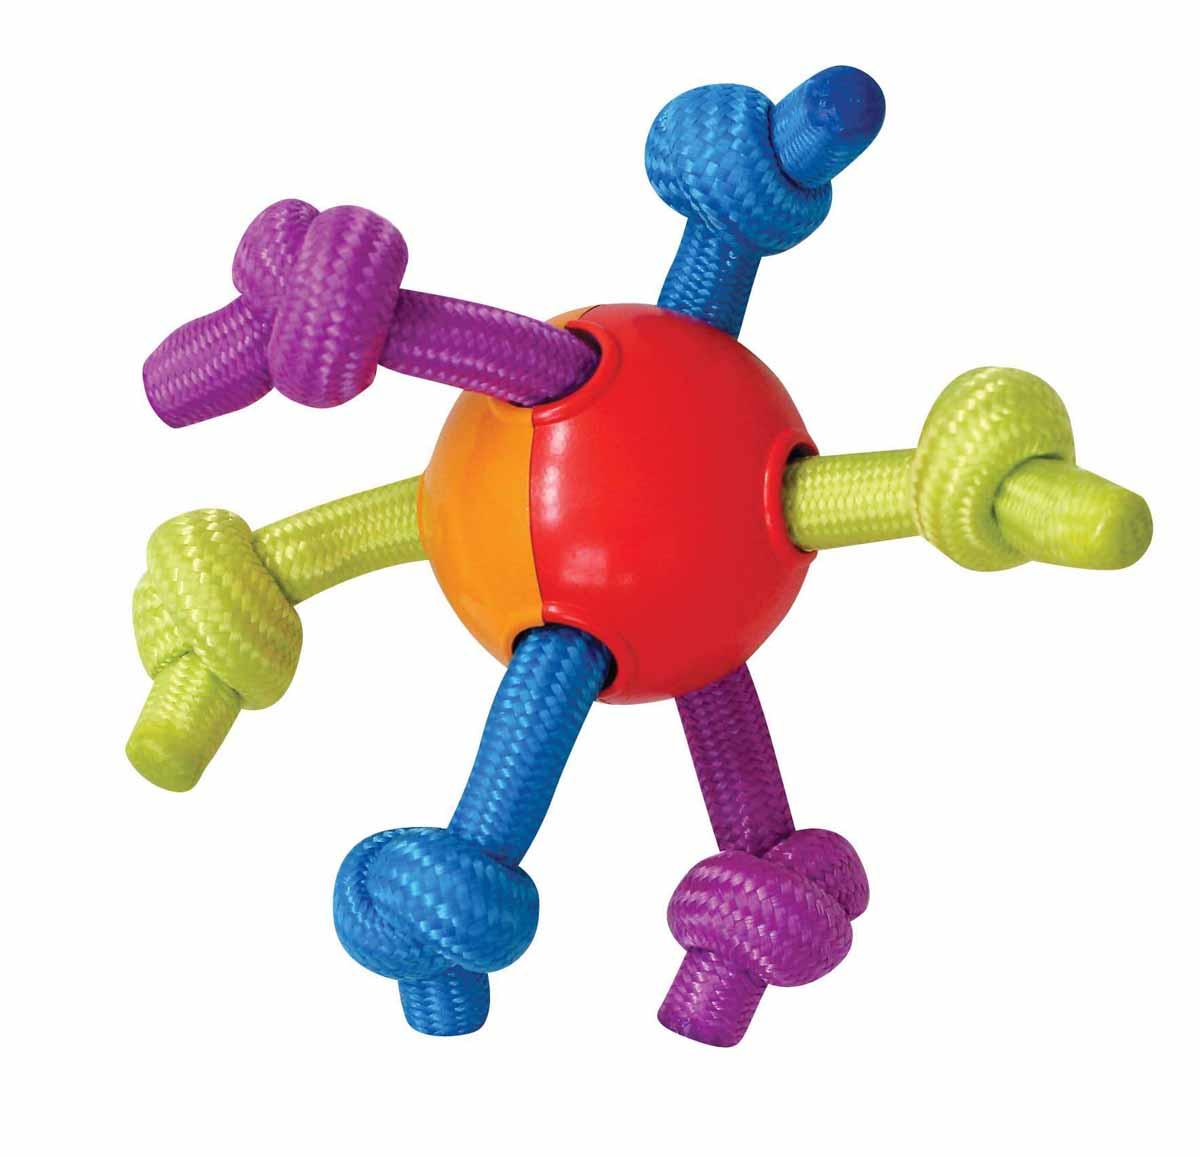 Игрушка для щенков Petstages Puppy Мячик с канатами122REXИгрушка для щенков Petstages Puppy представляет собой пластиковый мячик с канатами. Жуя и растягивая мягкие и прочные полипропиленовые канаты, ваш питомец не повредит себе зубы и десны. Эластичный мяч способствует тренировке челюстей. Различная текстура игрушки добавляет интерес к игре. Способствует очищению зубов и десен от налета и остатков пищи.Характеристики:Материал: полипропилен.Общий размер игрушки: 18 см х 18 см х 7 см.Диаметр мяча: 7 см.